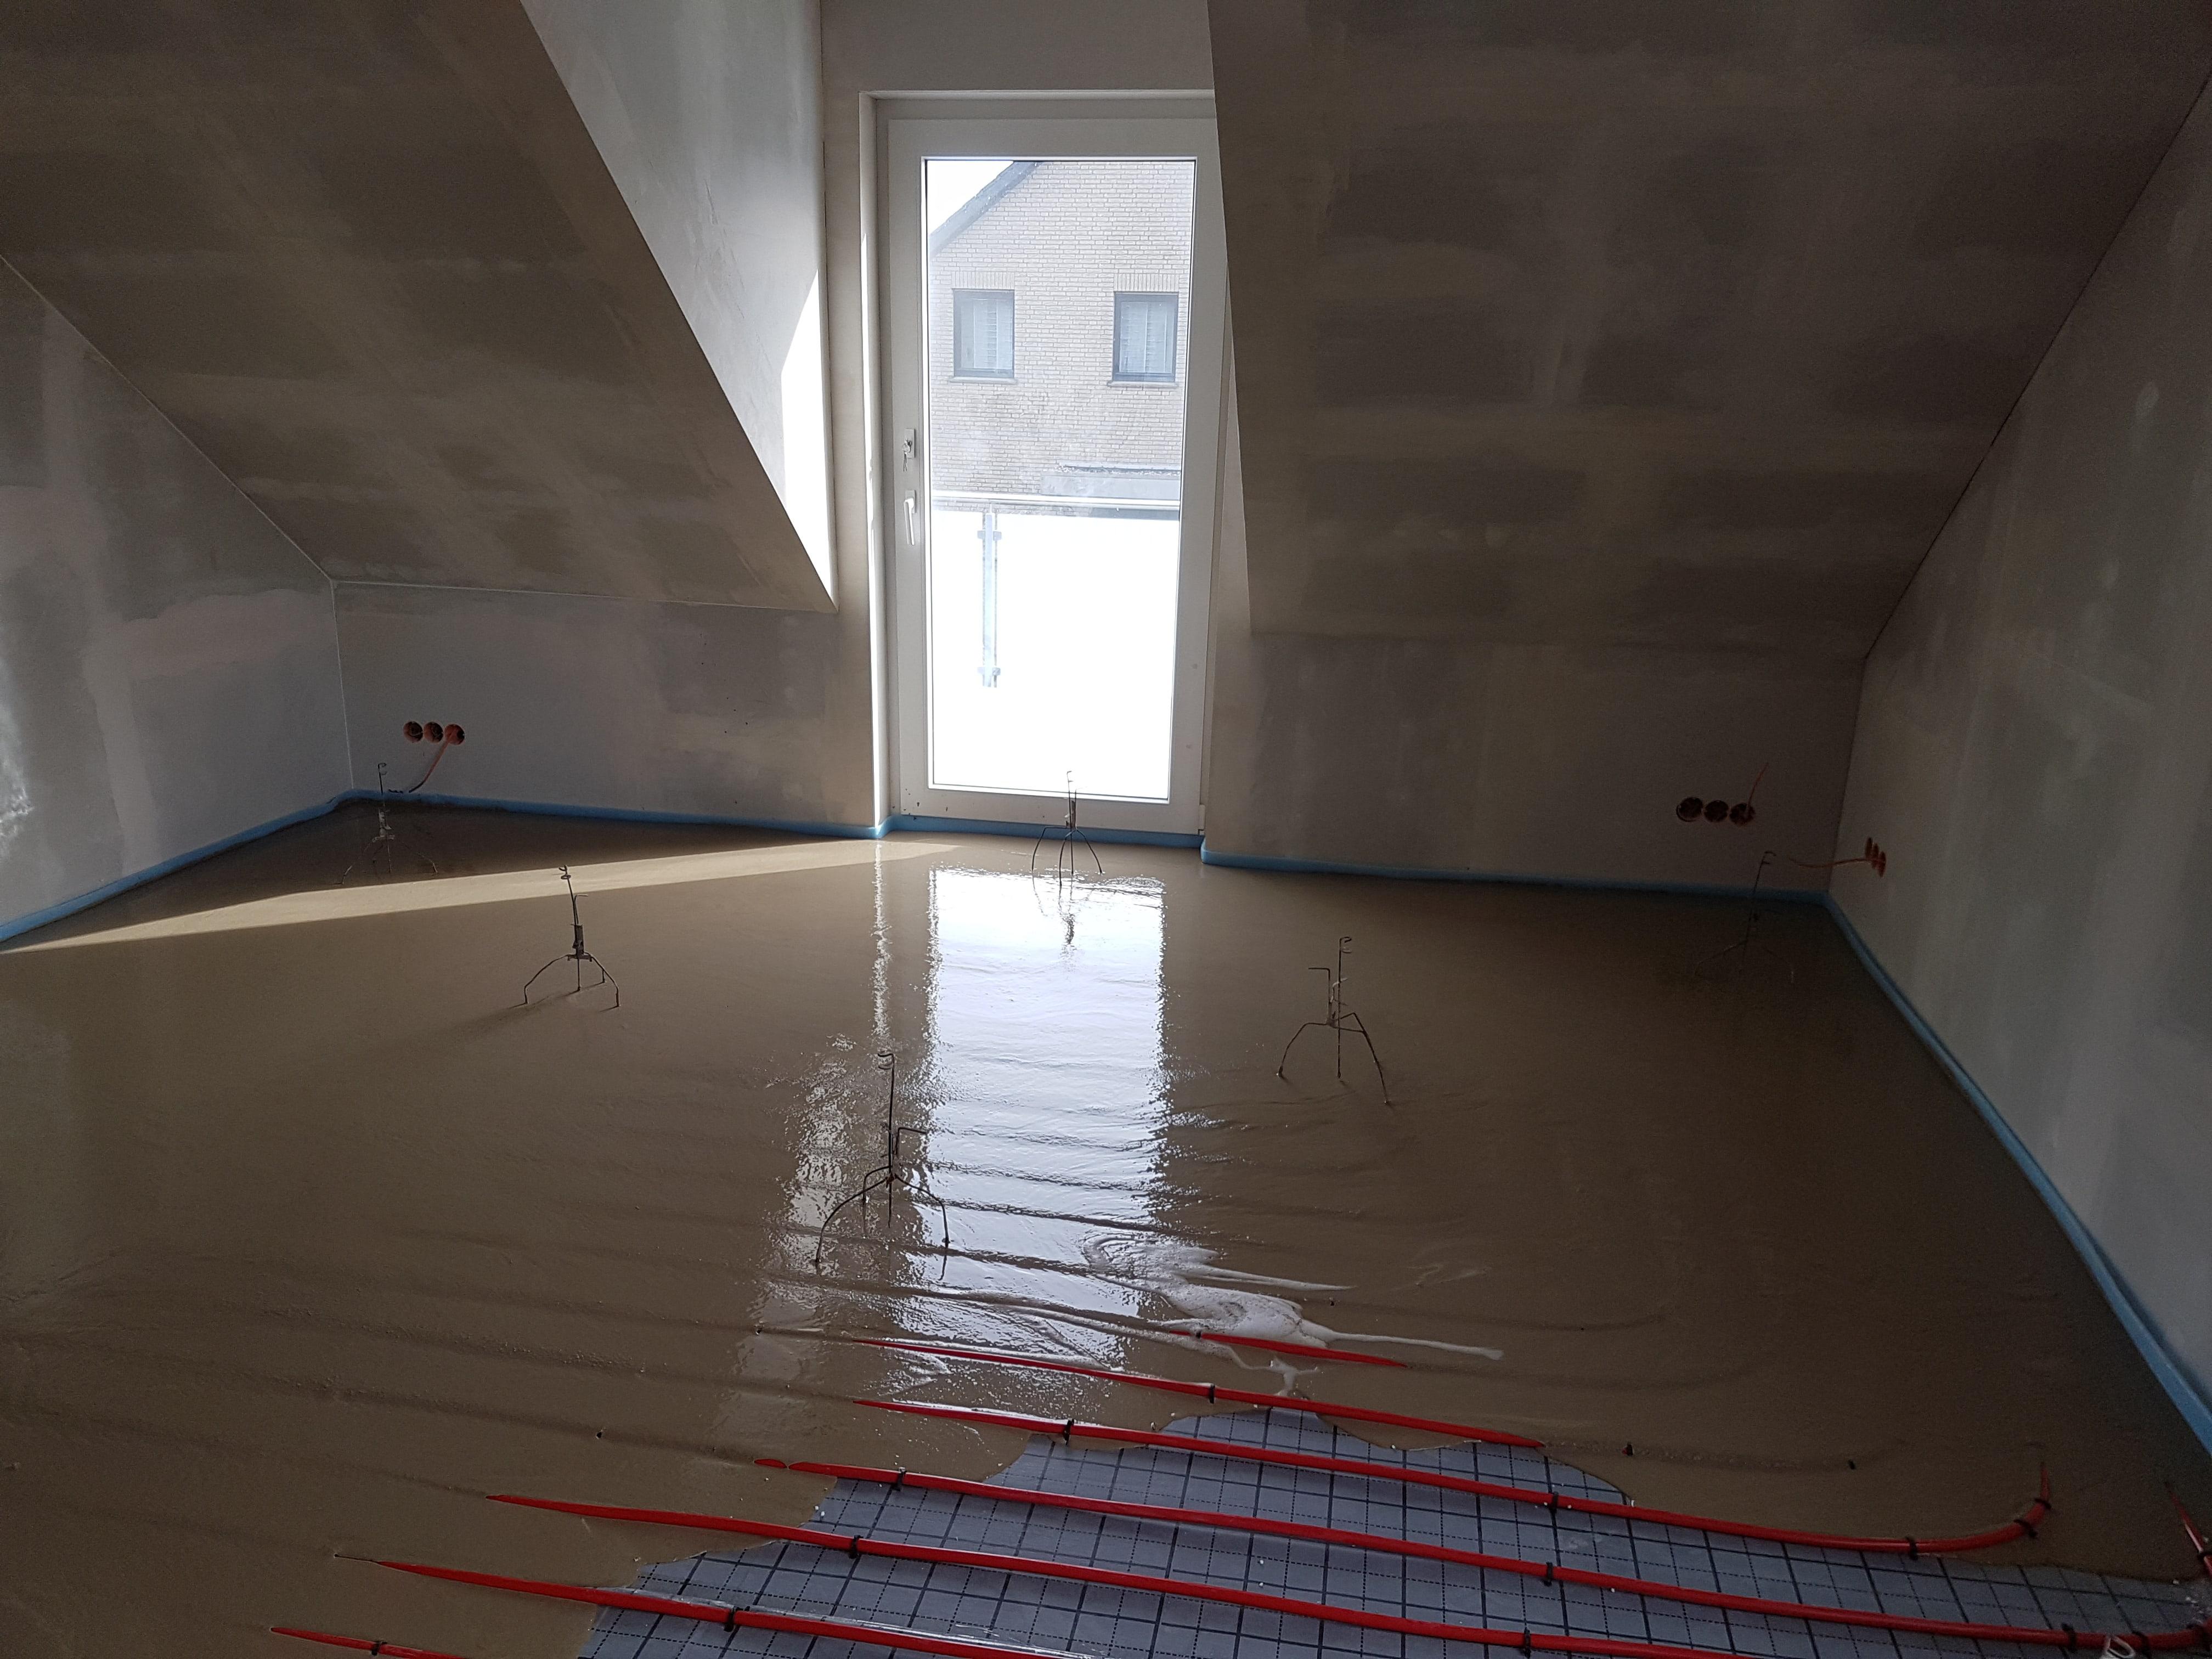 Anydritfließestrich auf Fußbodenheizung (3)